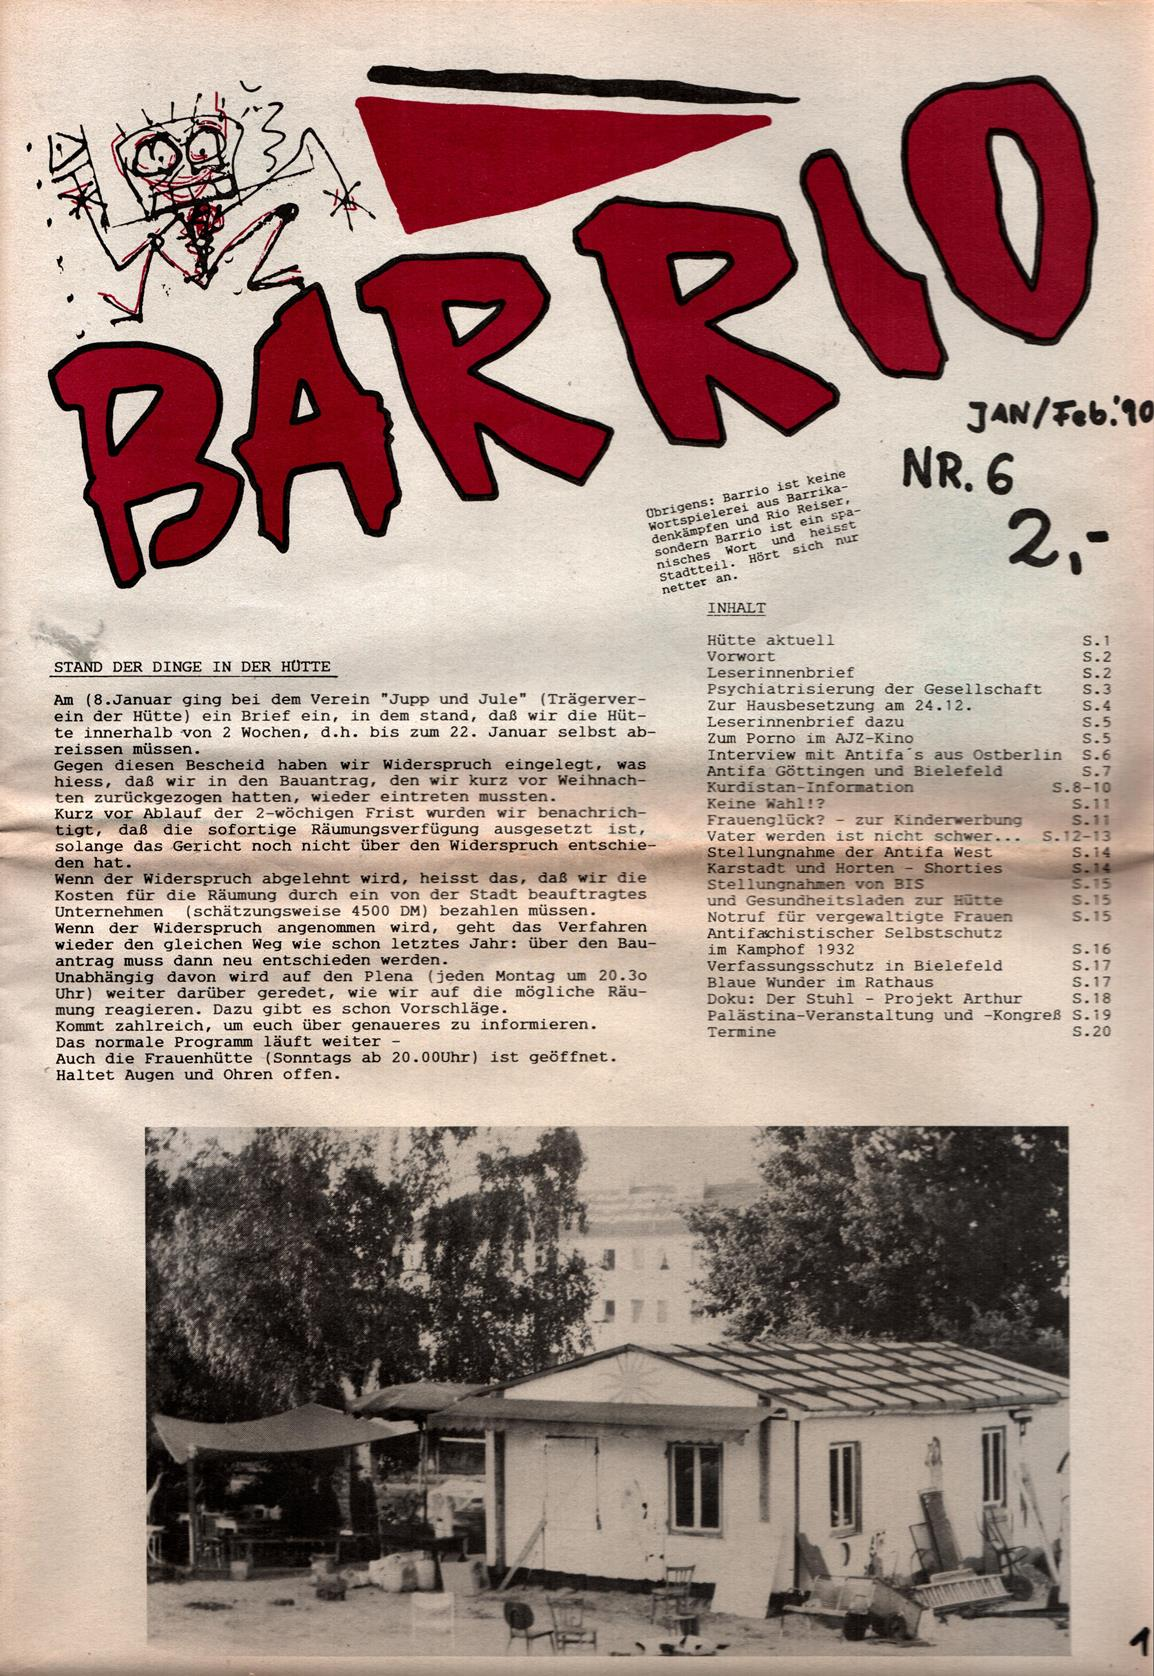 Bielefeld_Barrio_19900100_06_001